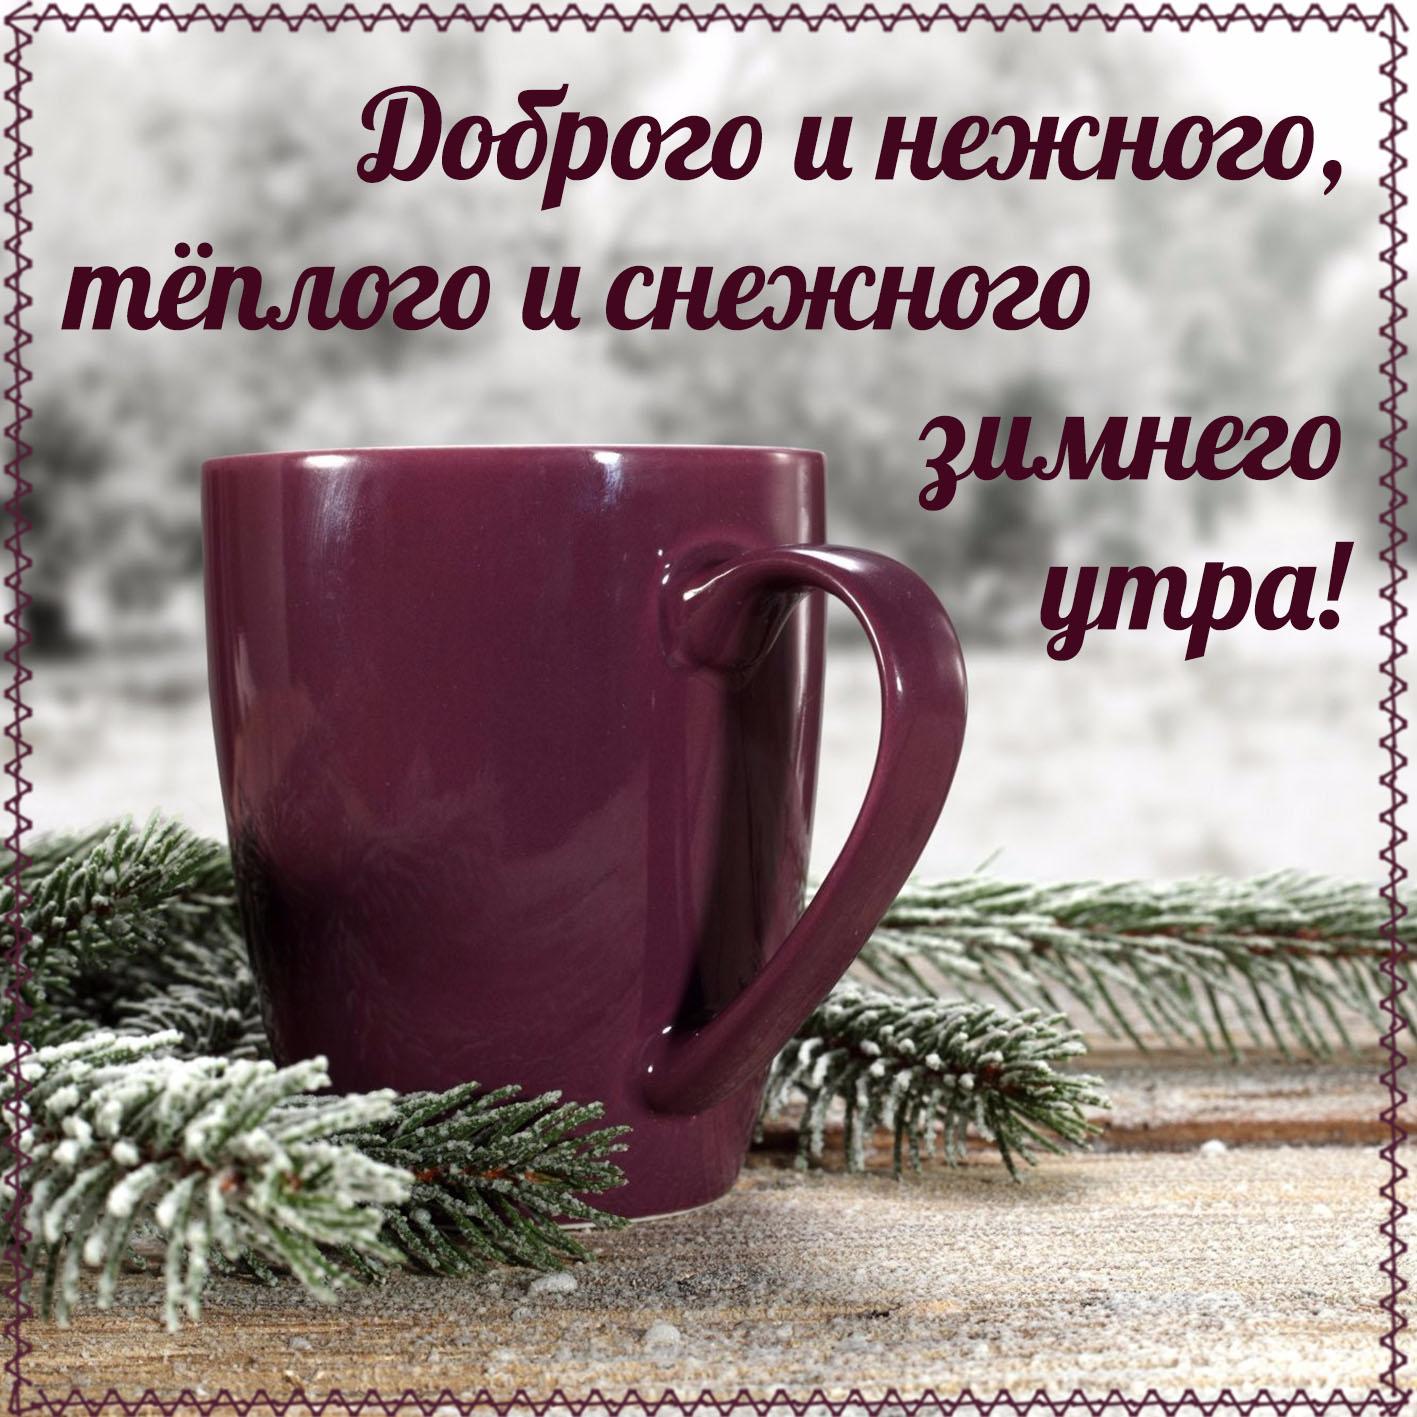 основном открытки доброе утро и хорошего настроения природа зима кольцах